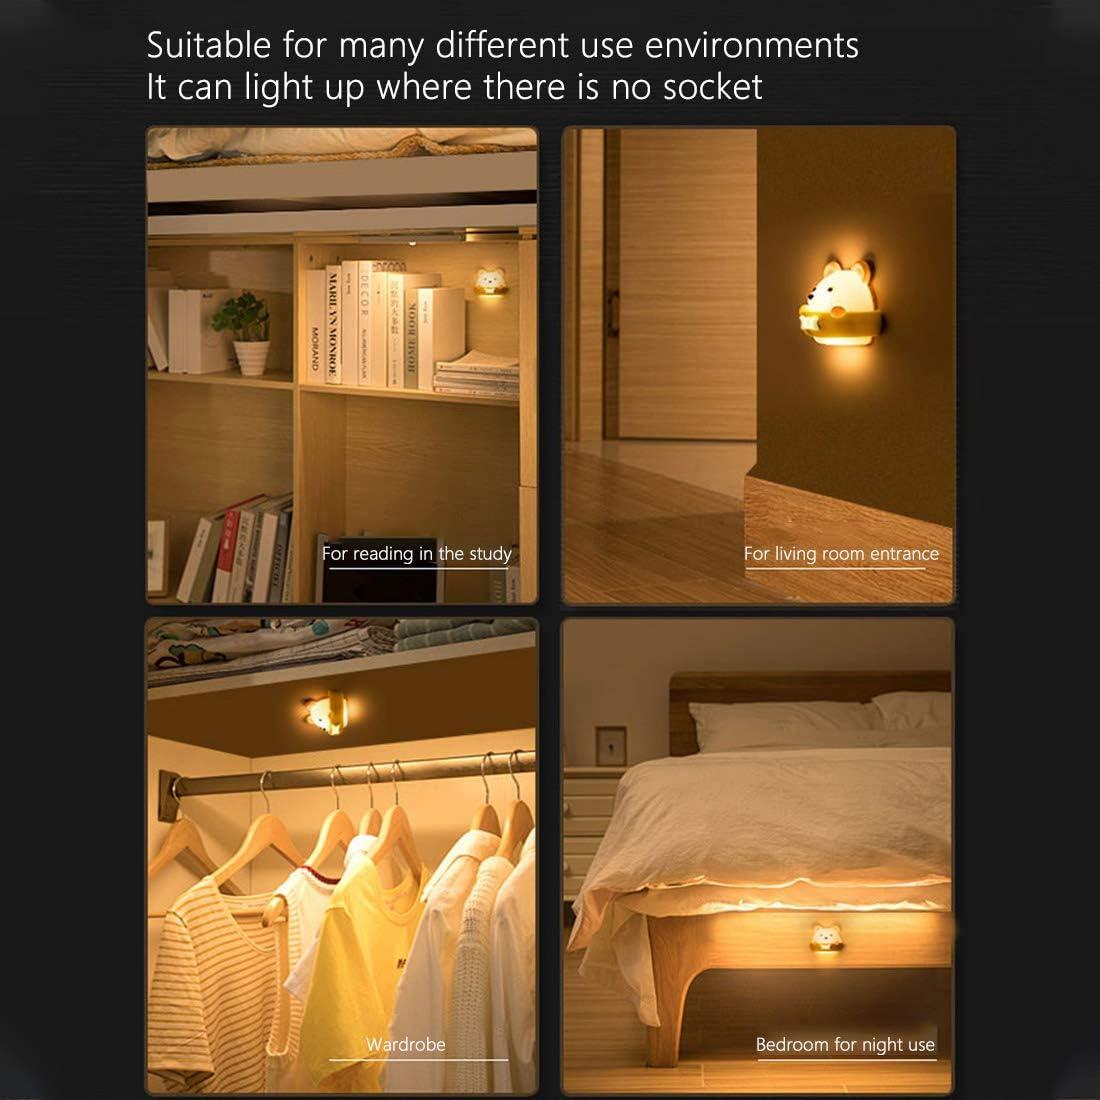 Luz de Noche de Oso para Ni/ños L/ámpara Nocturna Port/átil y Recargable USB Luz Amarilla Dormir y Relajarse Yolistar Luz Nocturna para Los Ni/ños Luz Nocturna en el Dormitorio del Beb/é para Leer